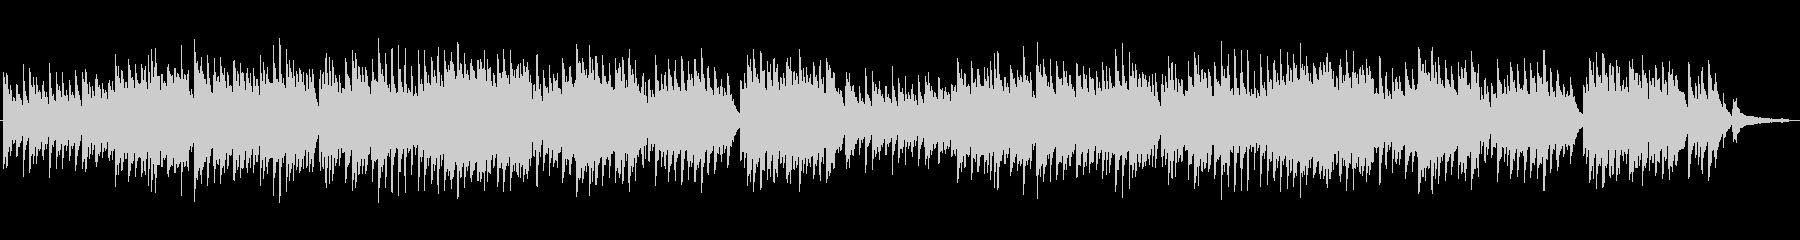 ナレーションの邪魔にならないピアノBGMの未再生の波形